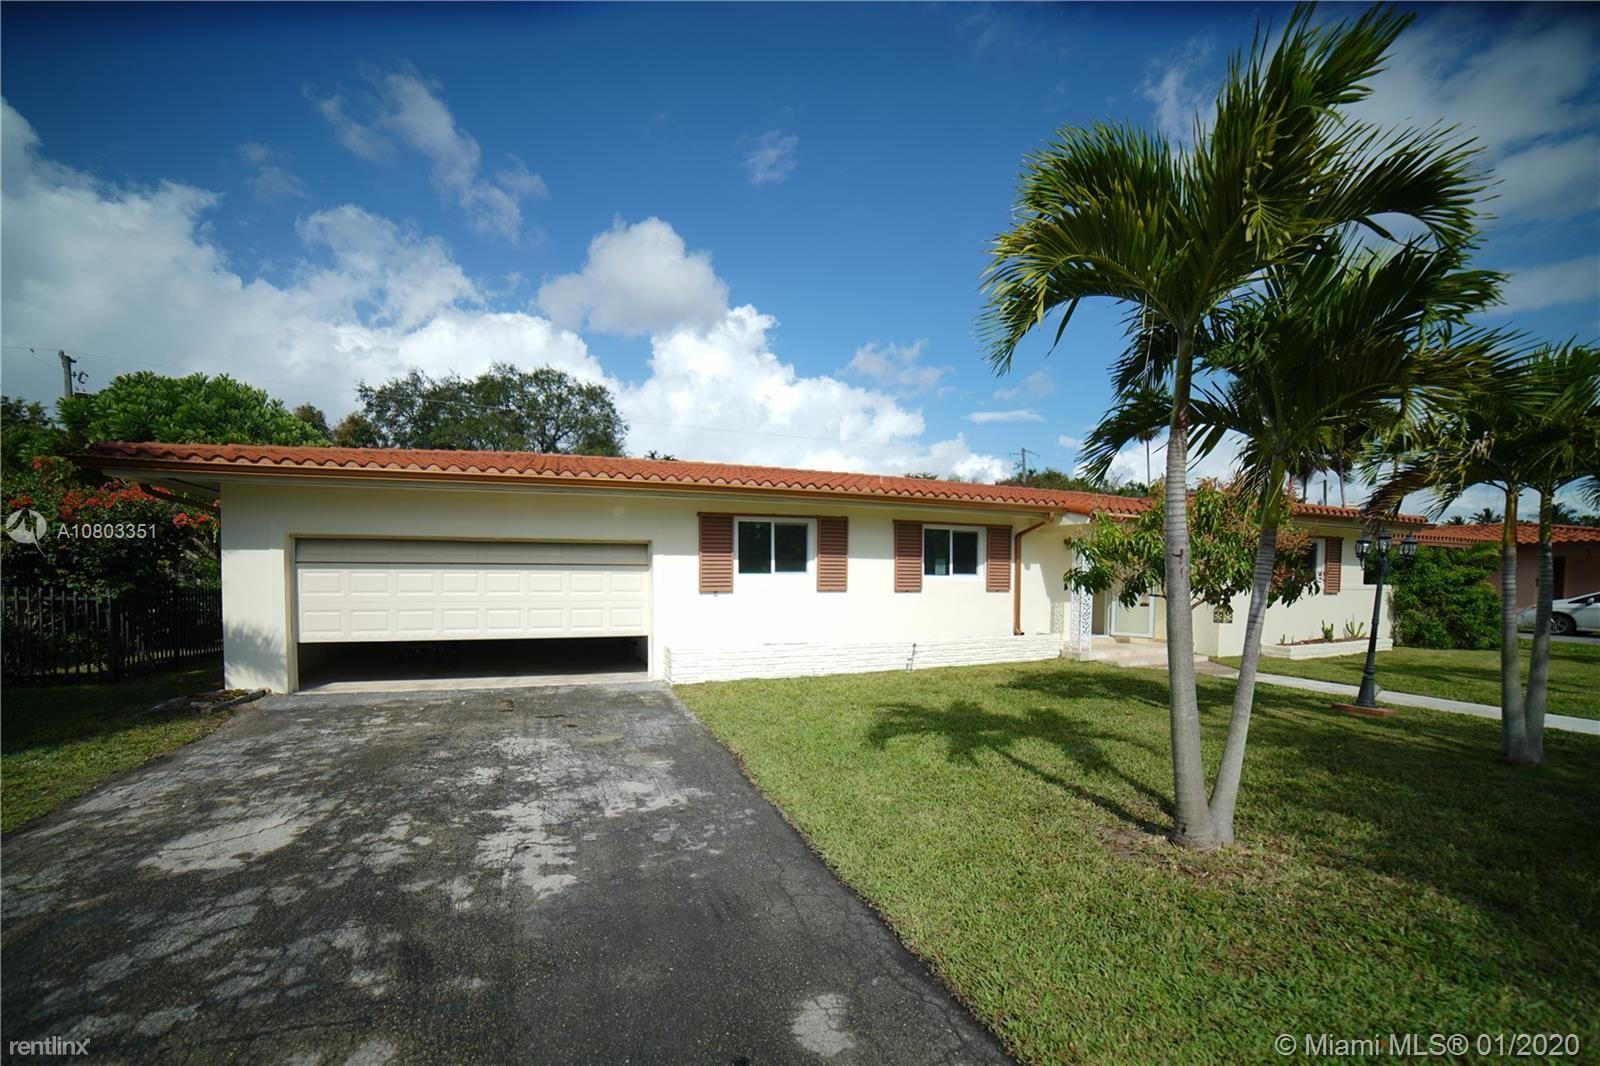 1431 Miller Rd, Coral Gables, FL - $3,850